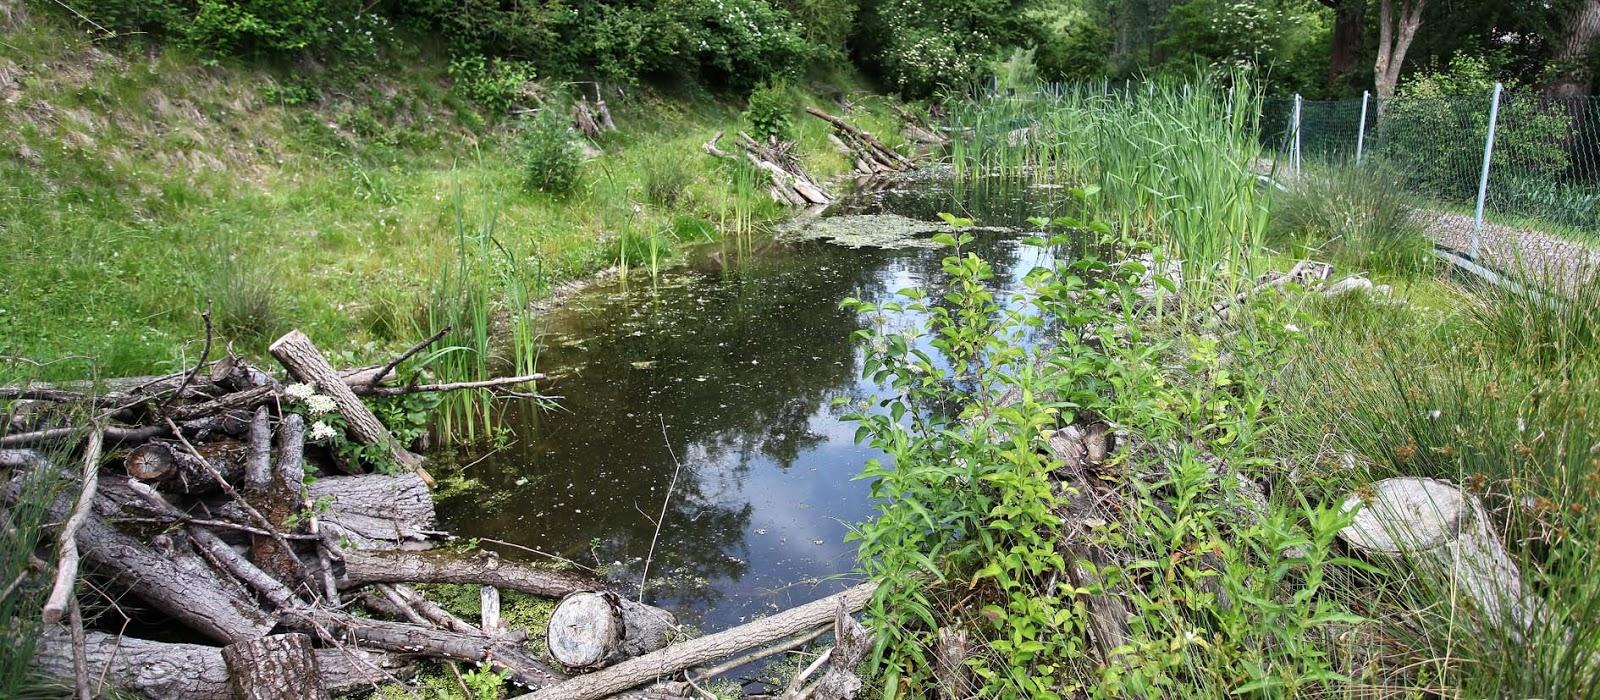 Dein nachbarlohbach jahresbericht 2012 for Wassertiere im teich